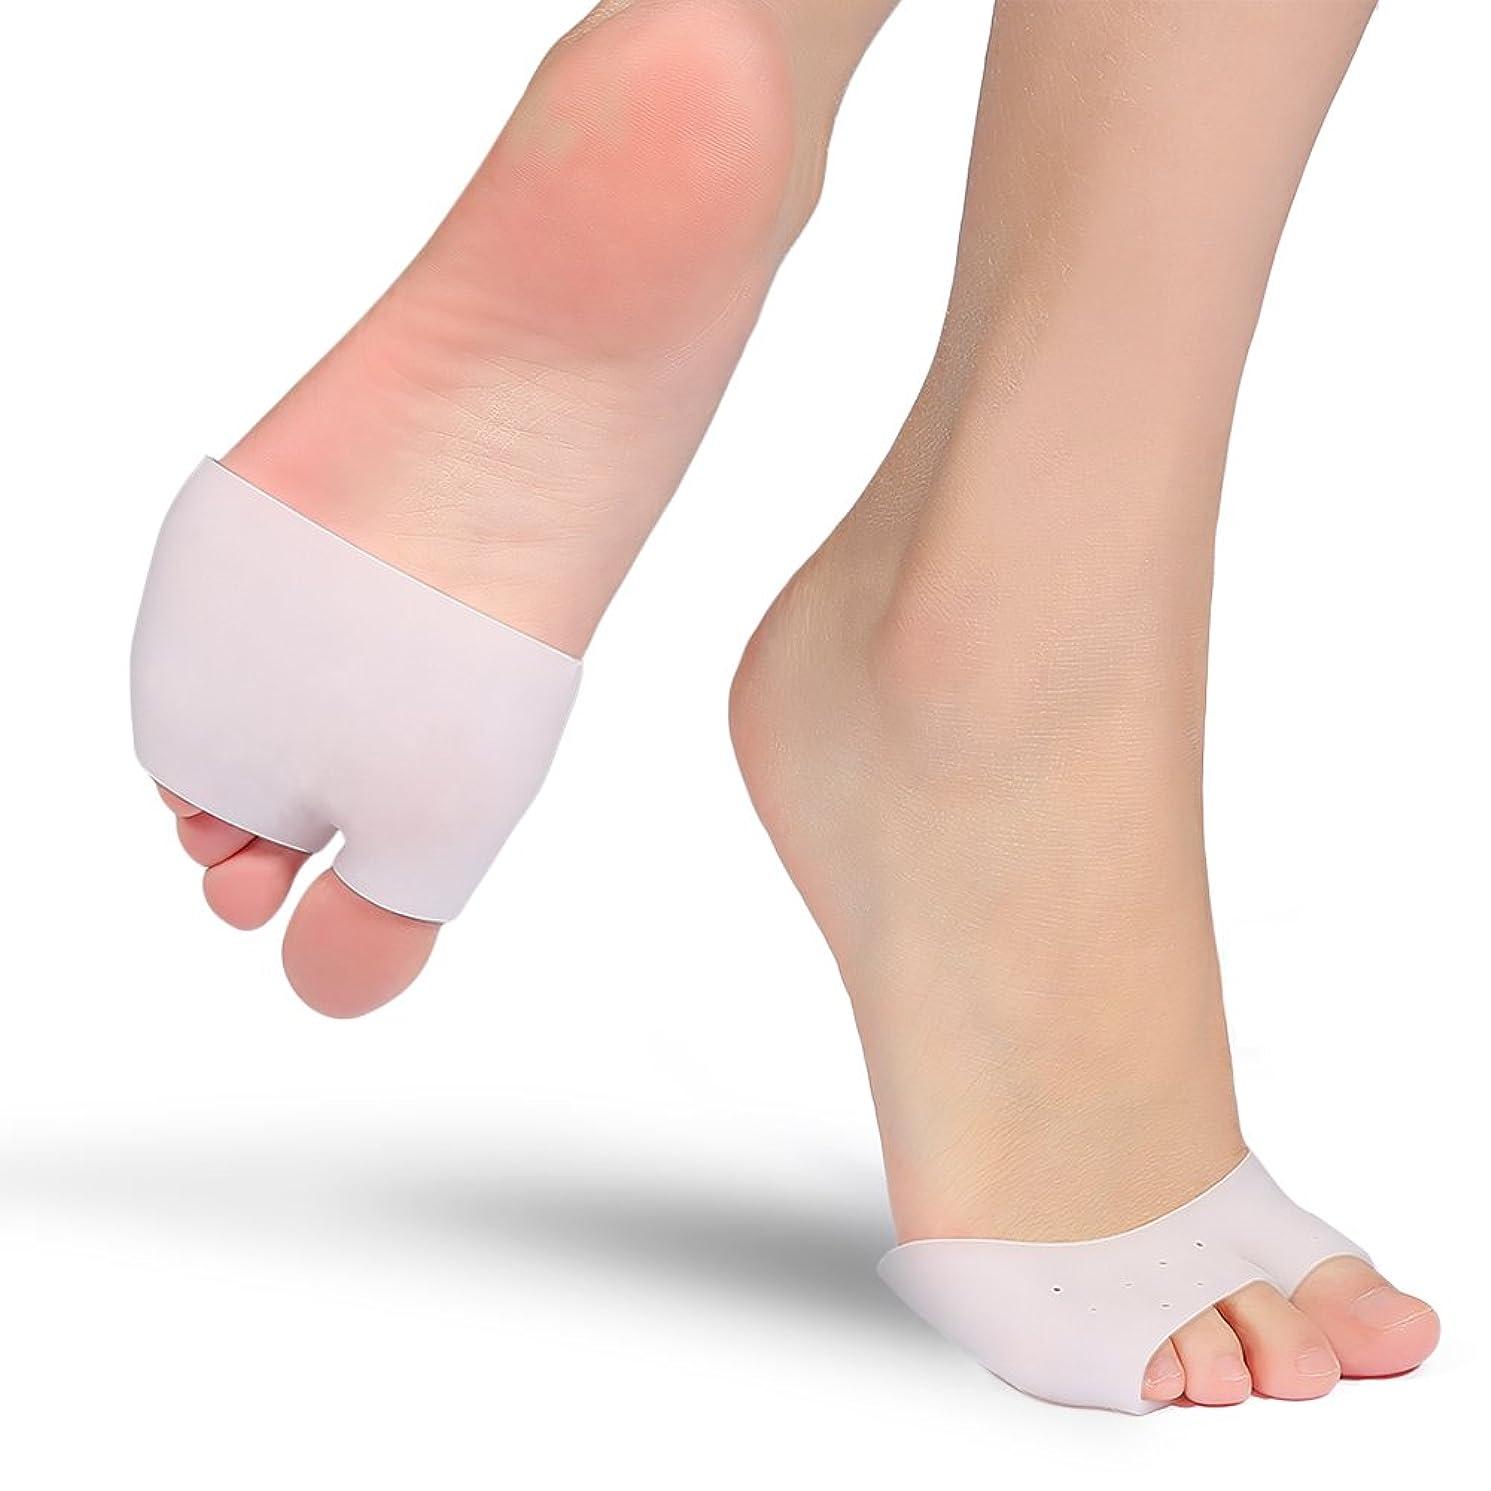 手伝う締め切り何もない腱膜矯正パッドゲル2足ボールの前足の足の裏の中足のサポート神経腫の痛みを軽減するためのインソール